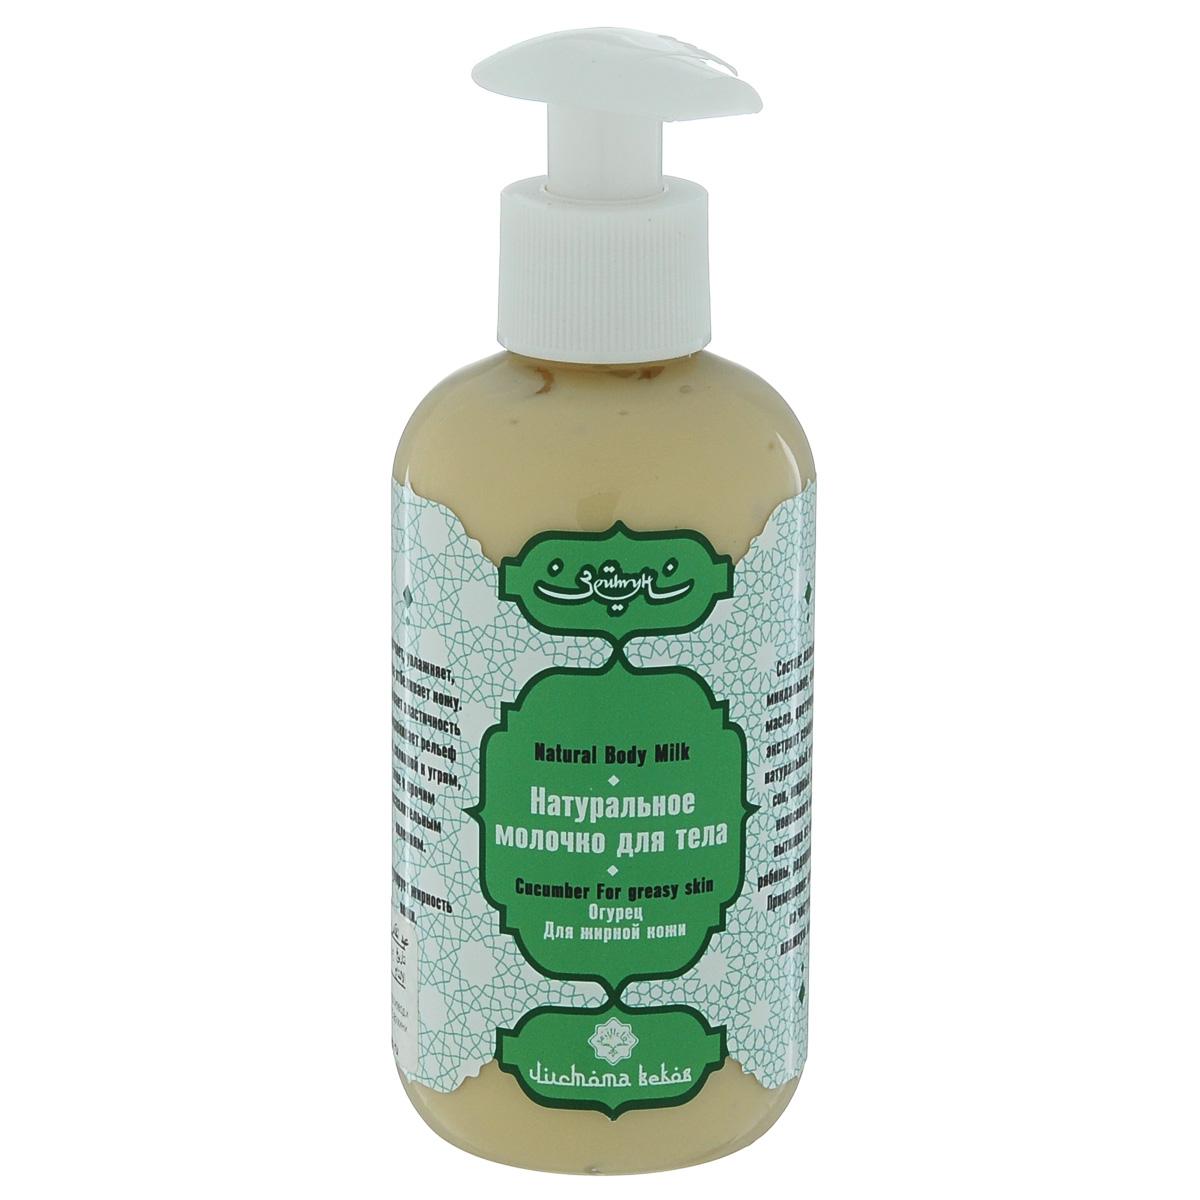 Зейтун Молочко для тела Огурец, 200 мл394028Смягчает, увлажняет, слегка отбеливает кожу. Повышает эластичность и выравнивает рельеф кожи склонной к угрям, акне и прочим воспалительным явлениям. Регулирует жирность кожи.